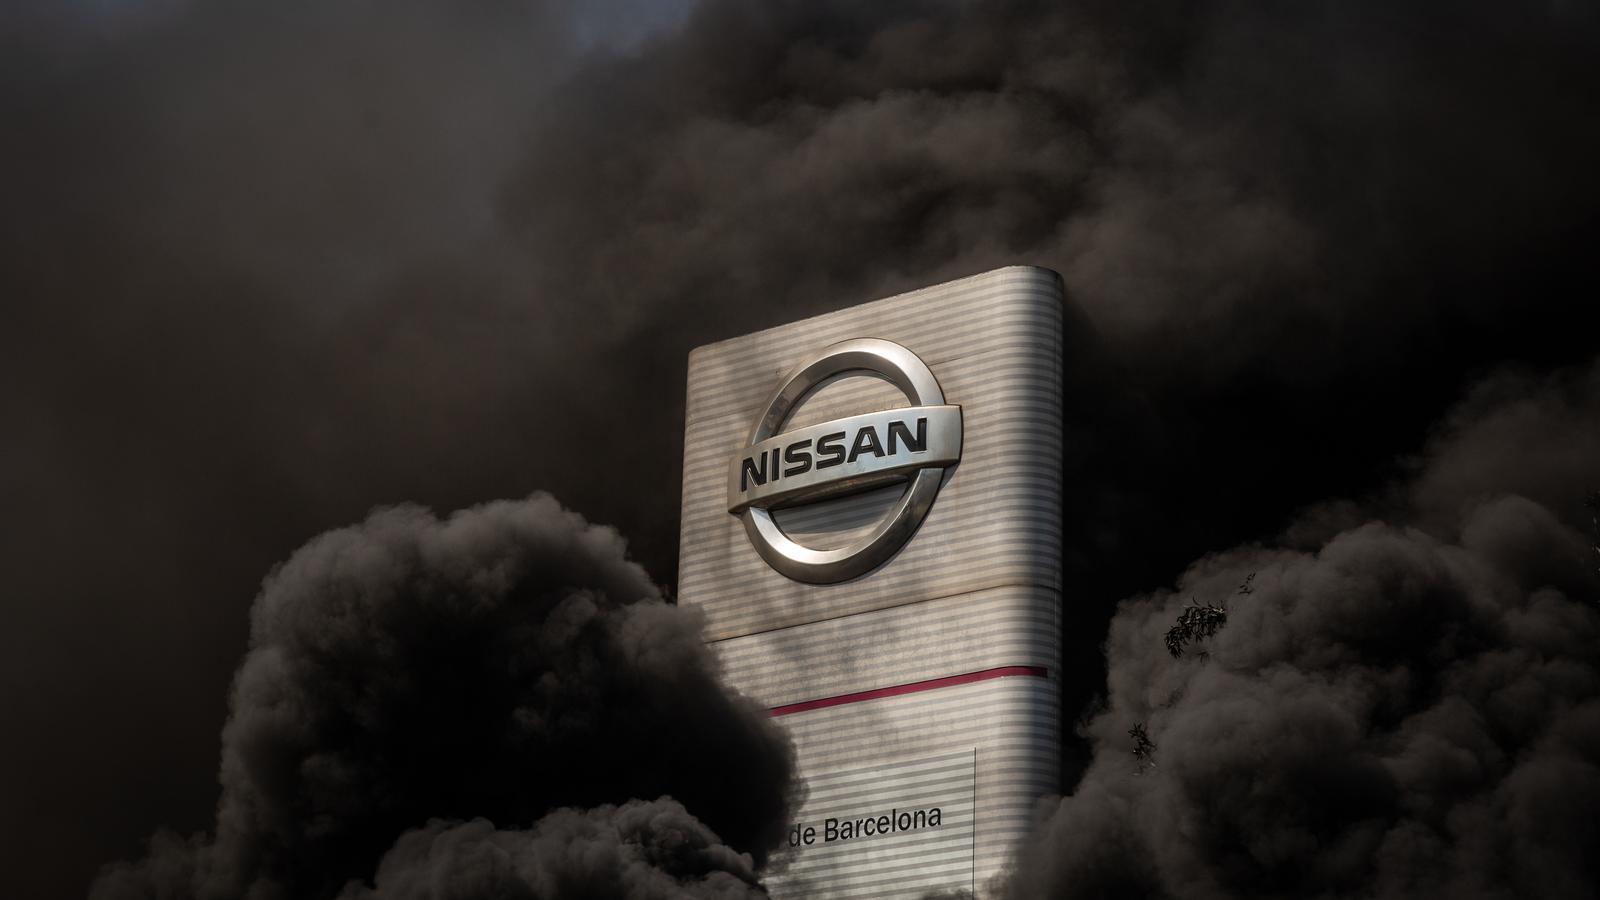 Maroto assegura que hi ha projectes alternatius per a la fàbrica de Nissan